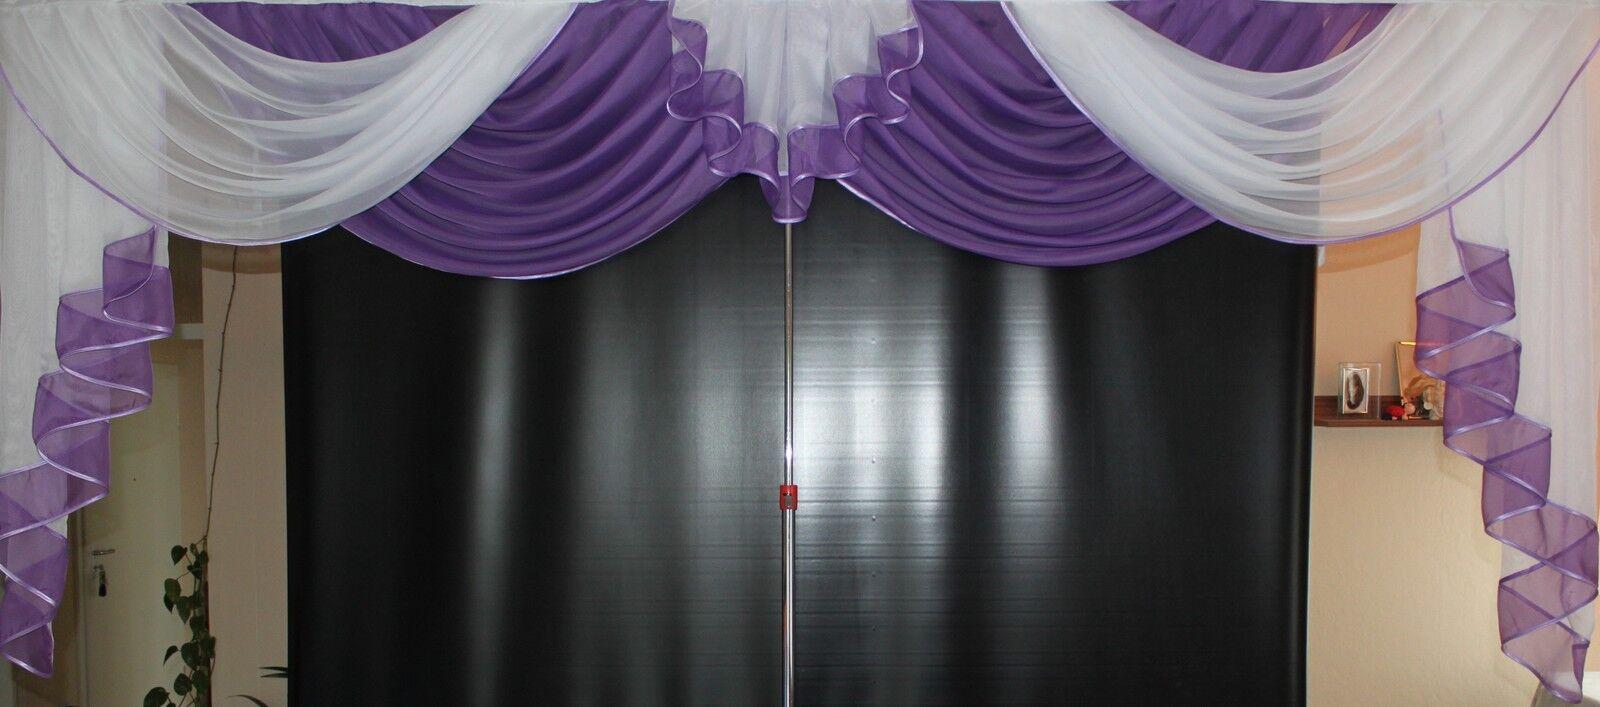 Deko - Gardine, Store, Vorhang in der Farbe Farbe Farbe lila   weiss | Langfristiger Ruf  aaef45